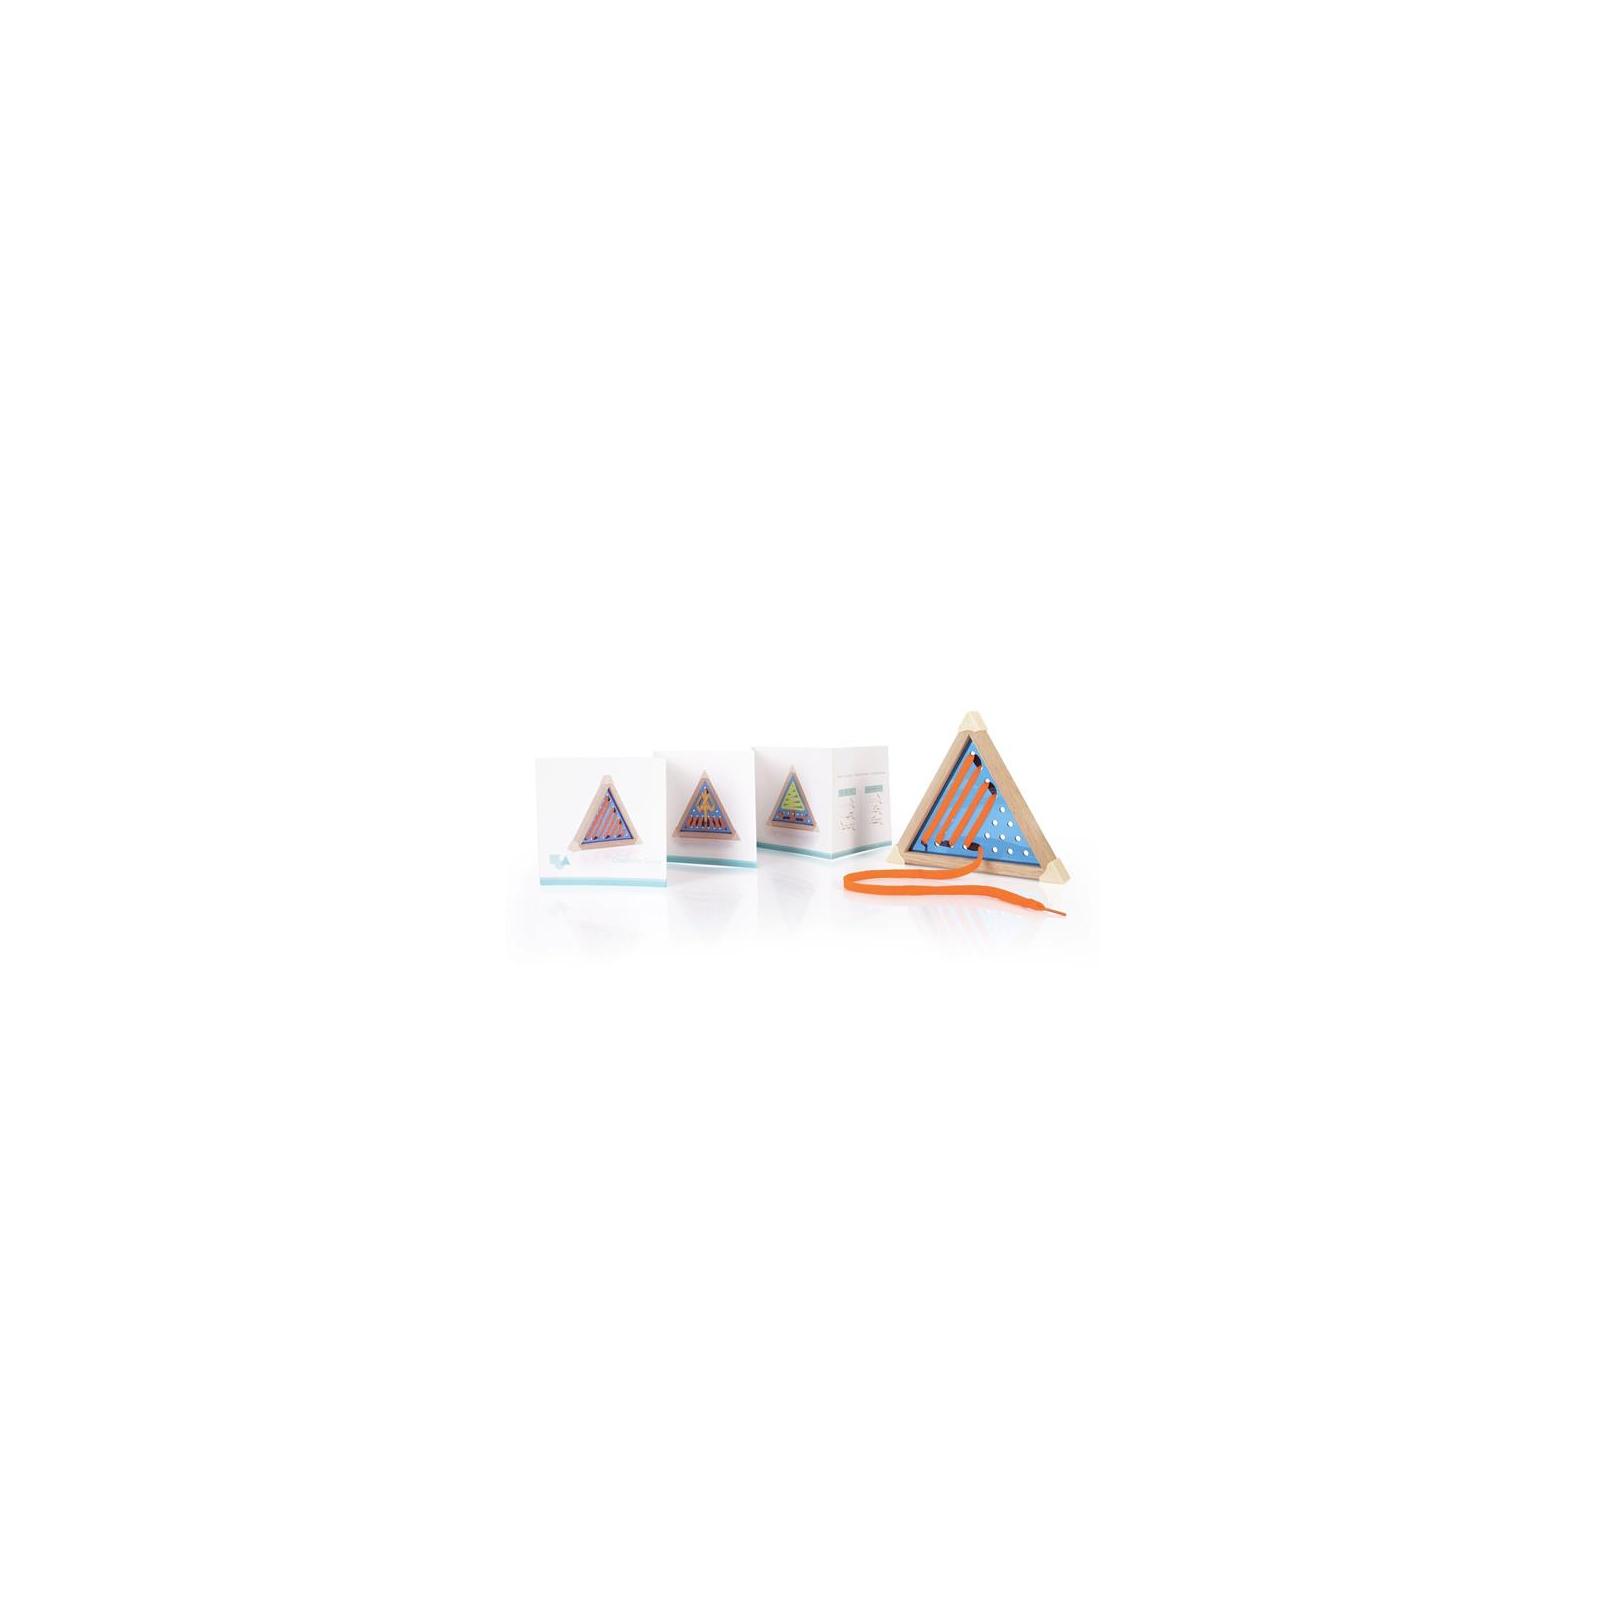 Развивающая игрушка Guidecraft Шнуровка Manipulatives Геометрия (G6801) изображение 8